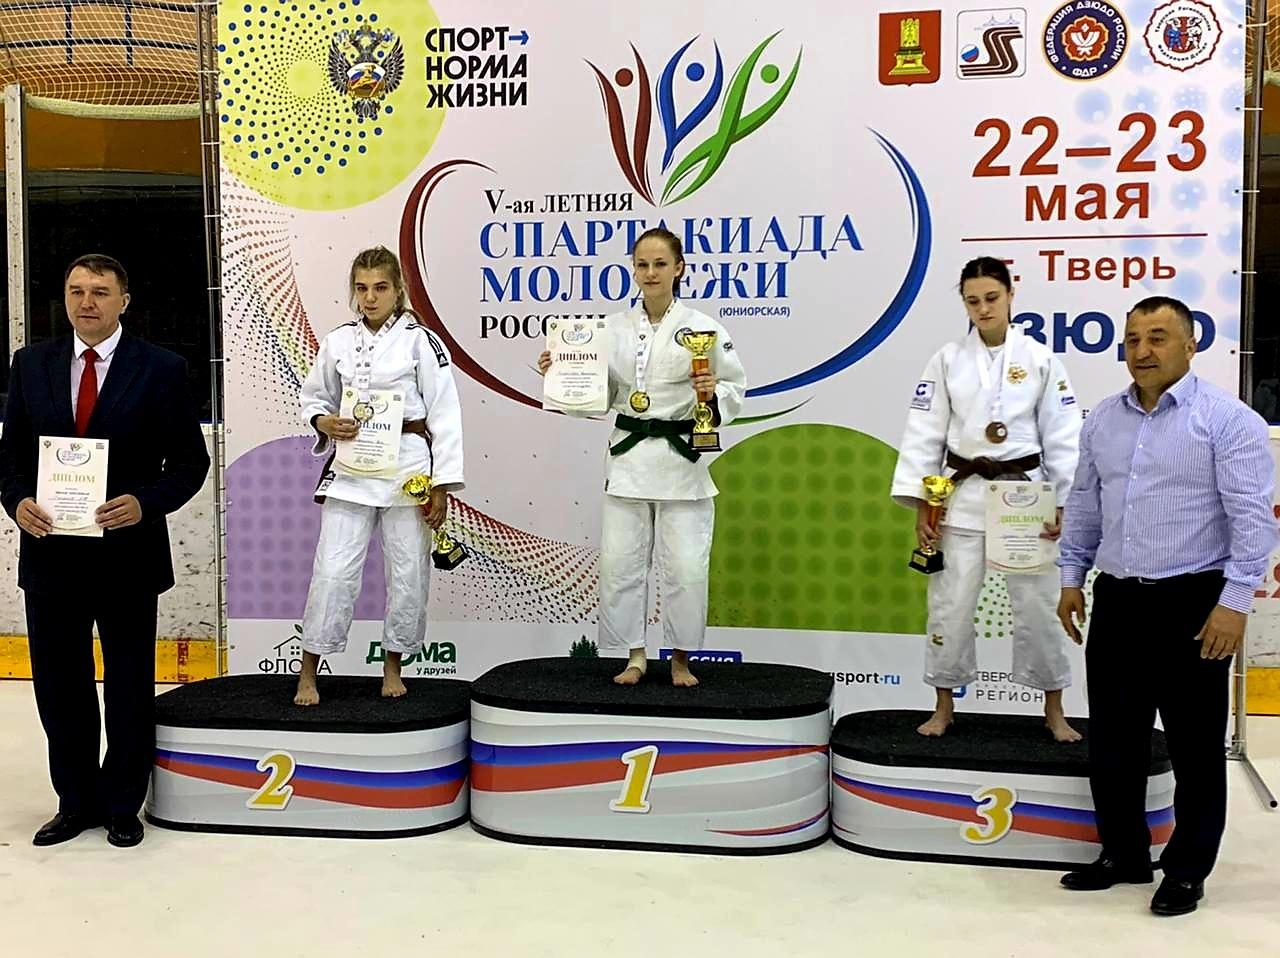 Ученица СШОР №47 выиграла золотой кубок на соревнованиях в Твери